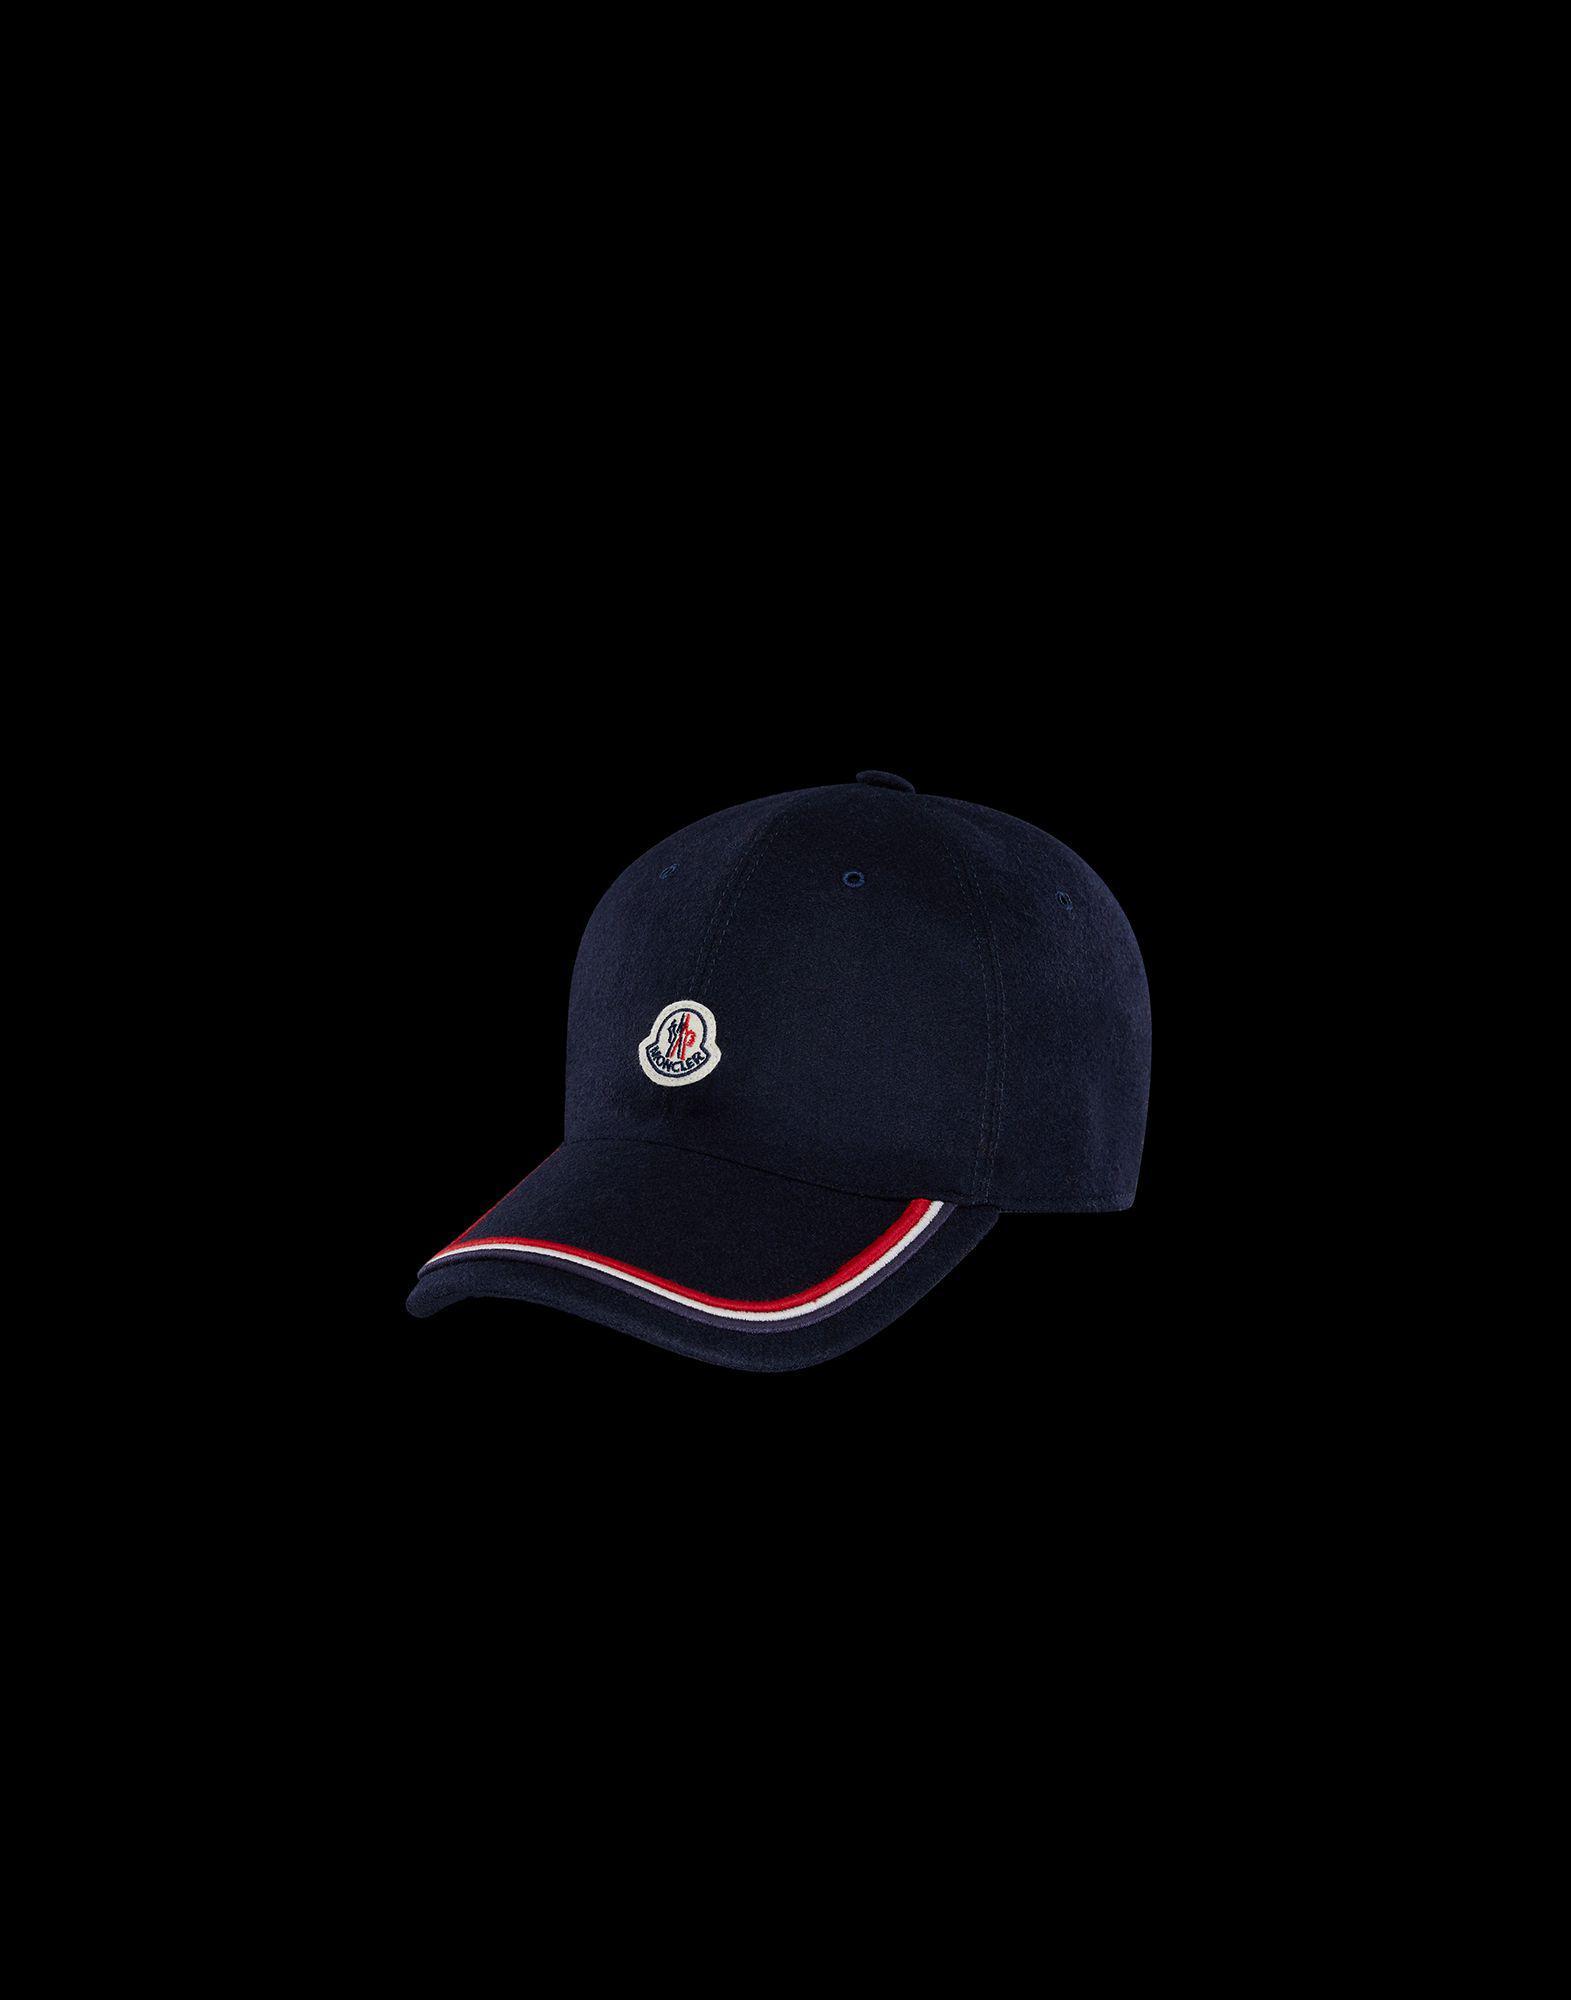 024e1254e26 Lyst - Moncler Hat in Blue for Men